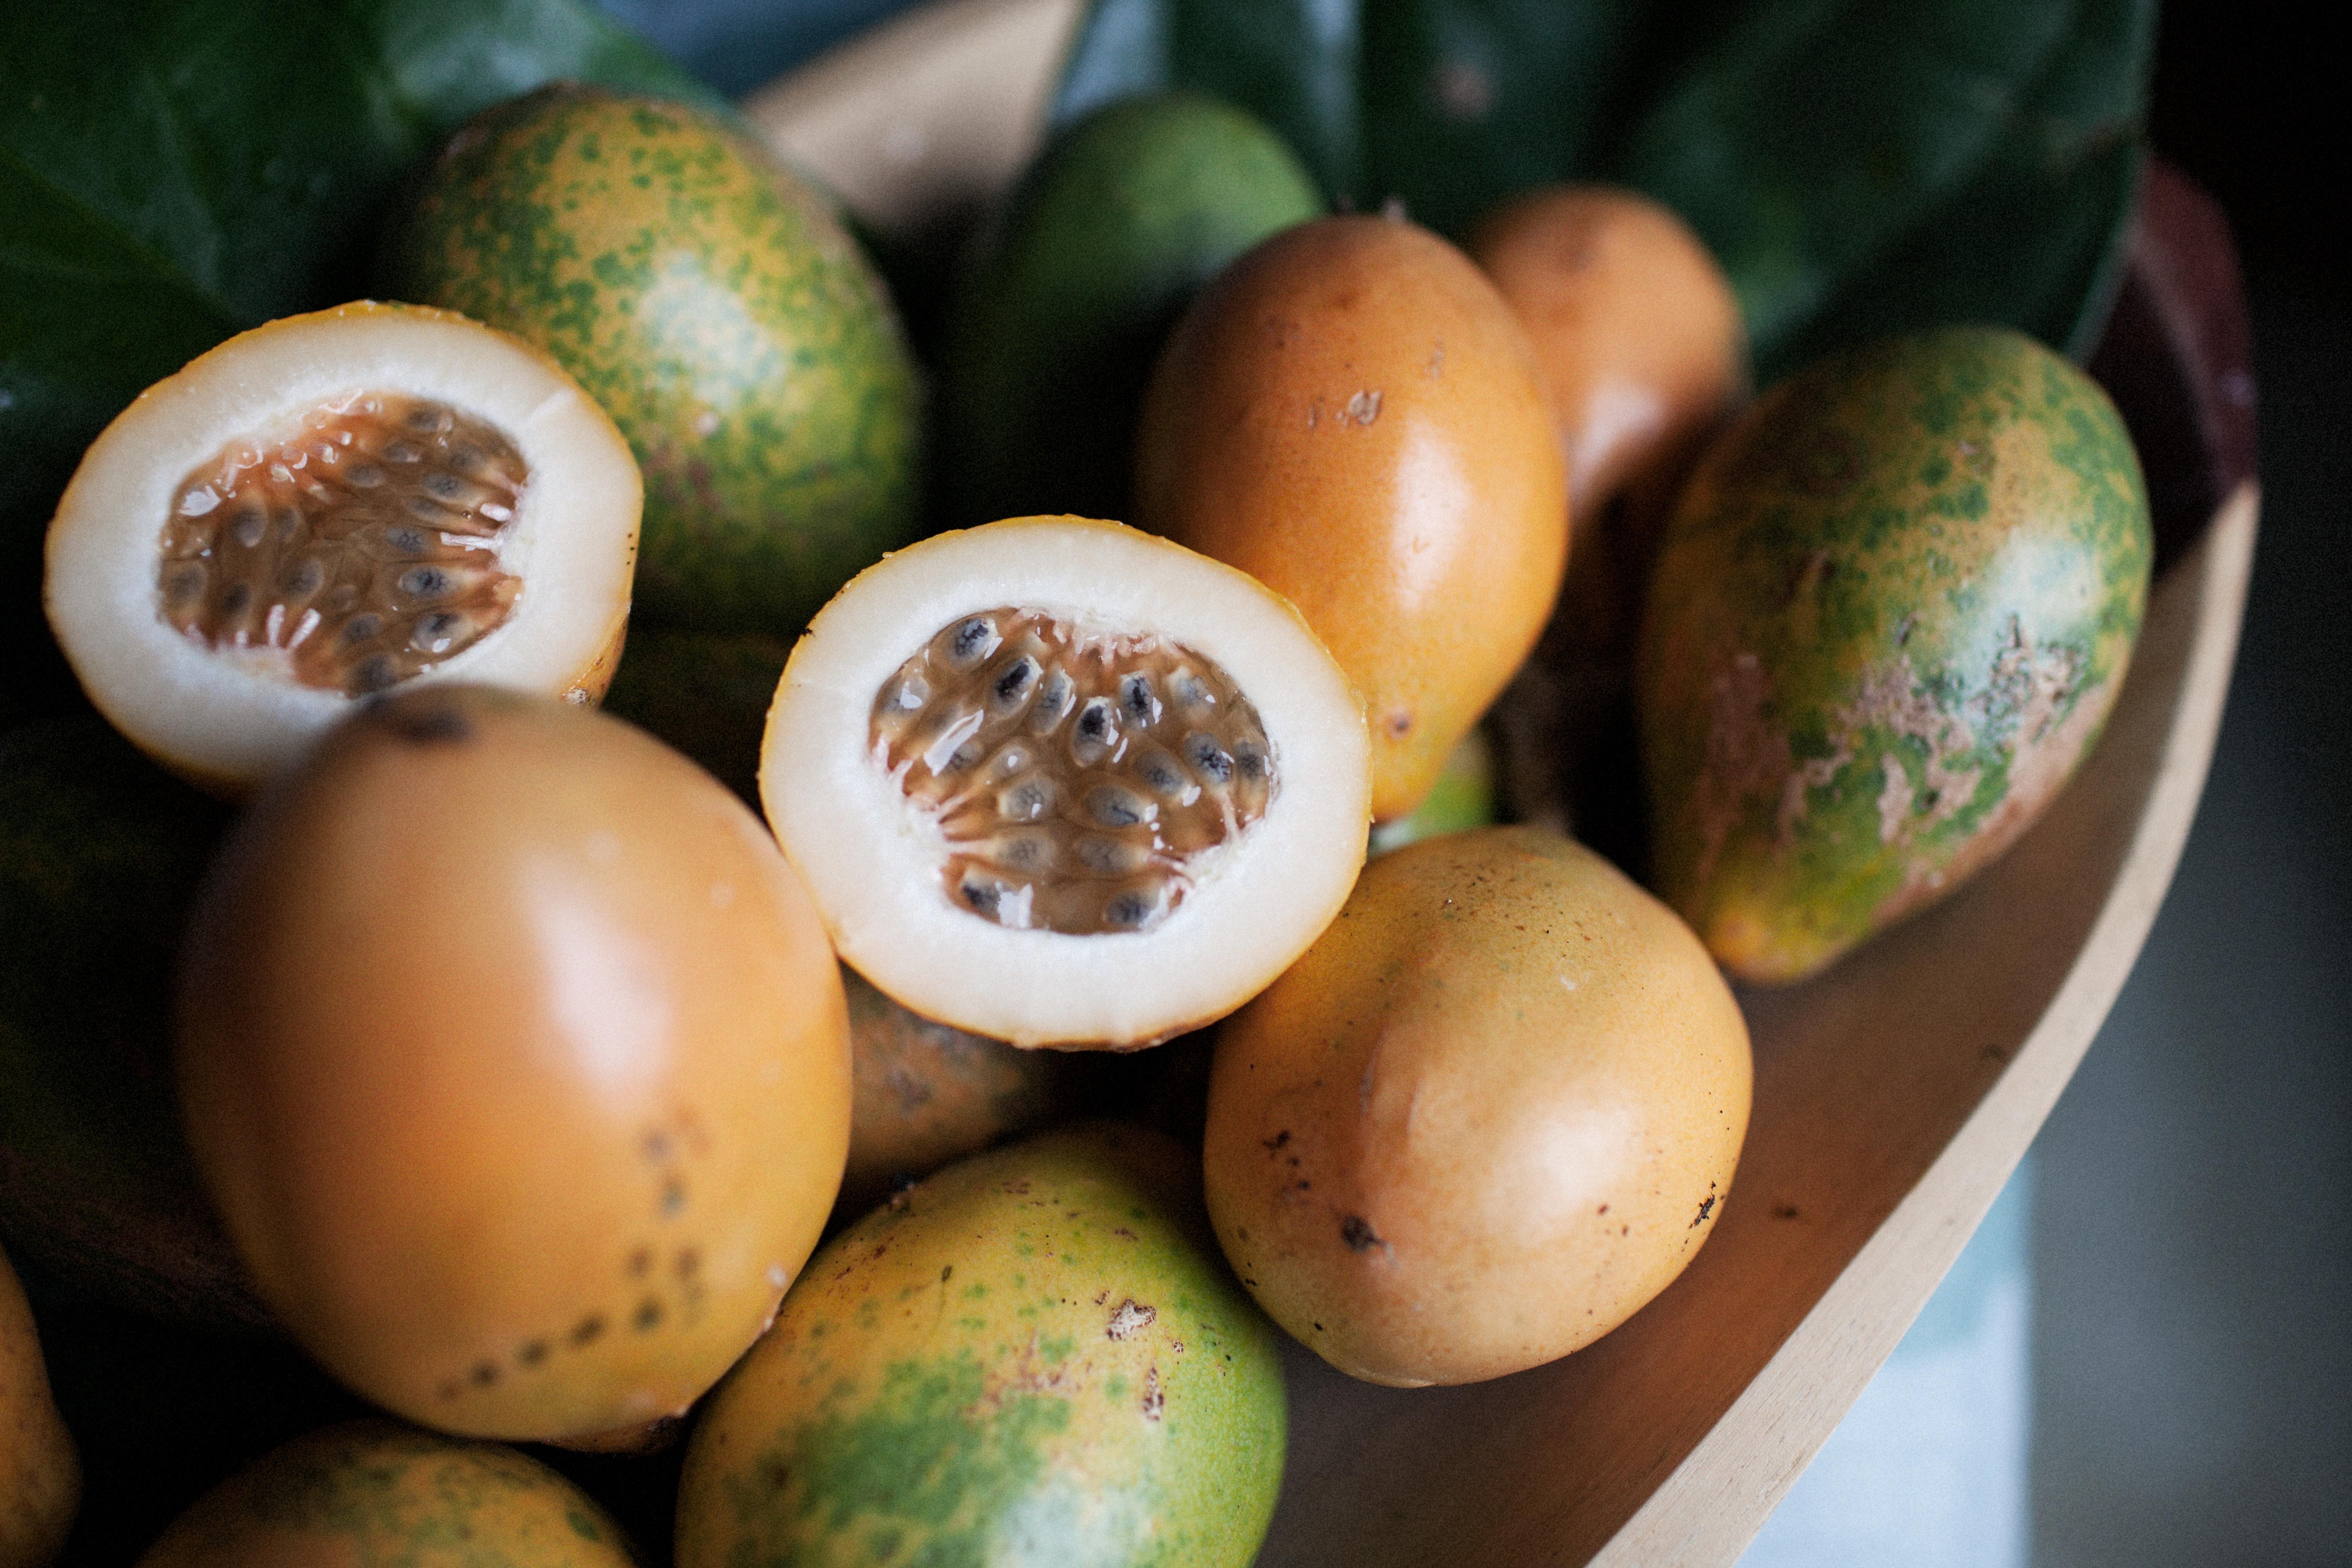 это фрукты бразилии фото с названиями кормой стандартная практика